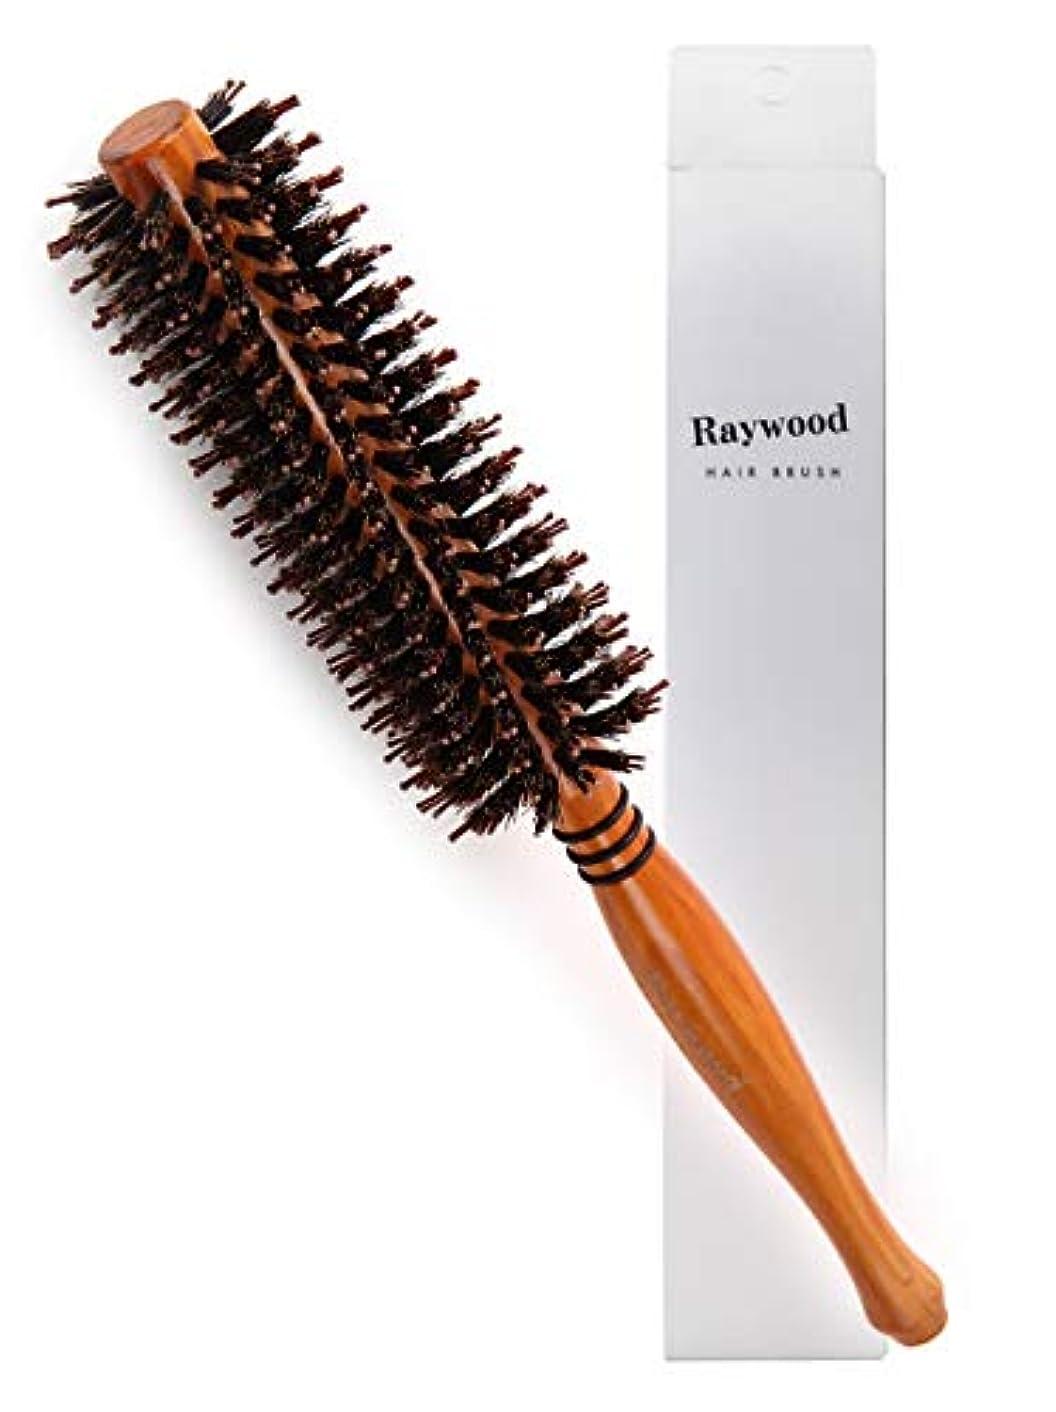 着実に主権者オーバーフローRaywood 天然ロールブラシ 豚毛 耐熱仕様 ブロー カール 巻き髪 ヘア ブラシ ロール (M)